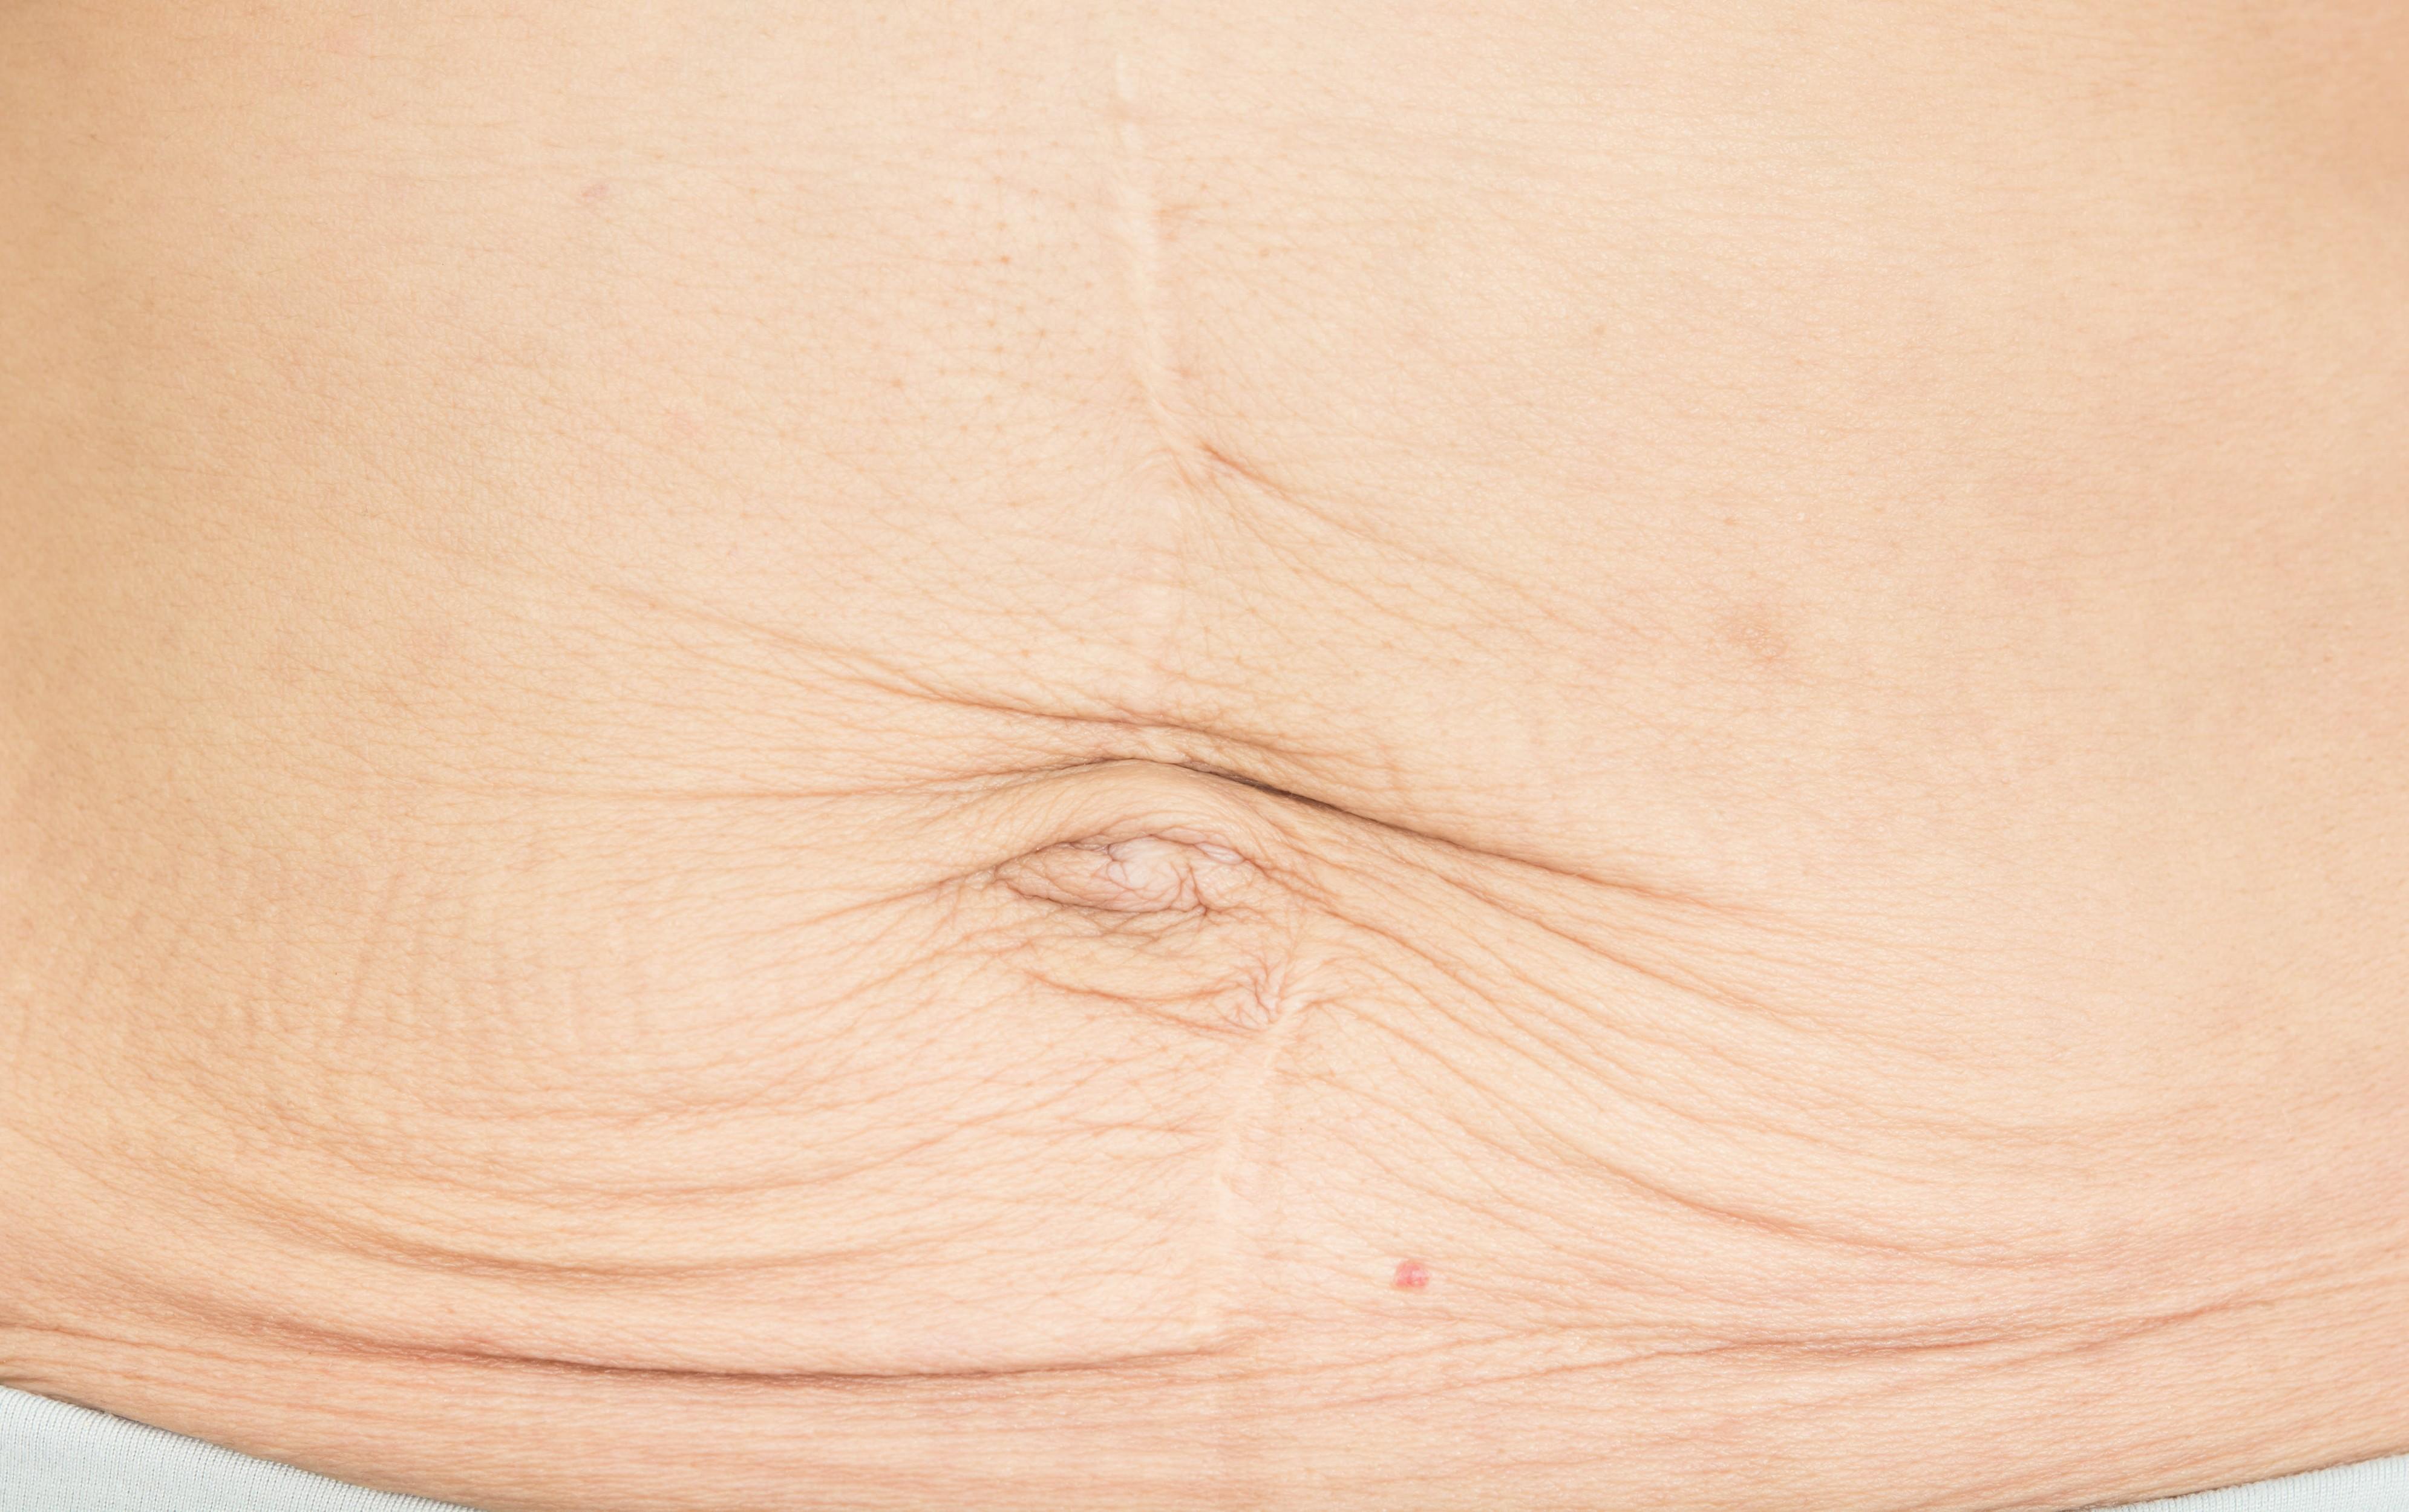 Quando a barriga volta ao normal depois do parto?